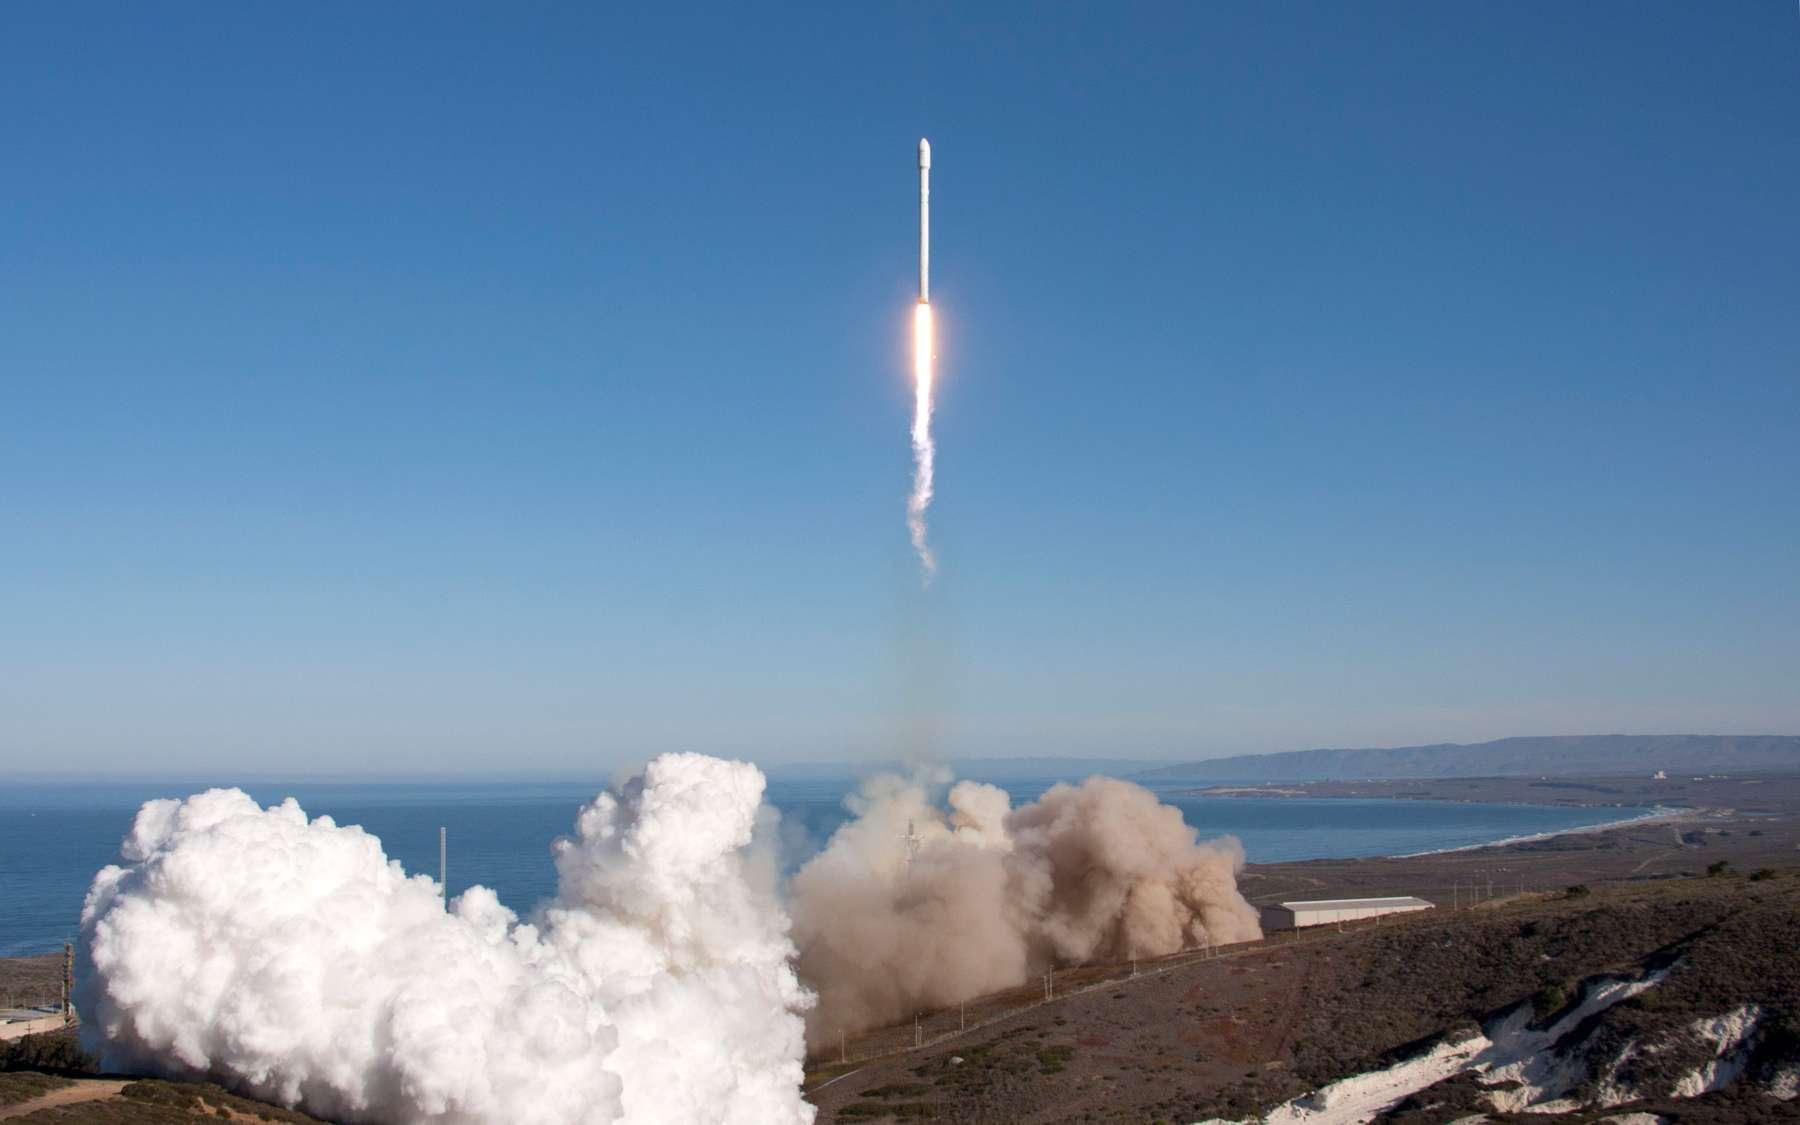 Au décollage, la version améliorée du Falcon 9 de base. Avec neuf moteurs Merlin 1D, ce lanceur est, en théorie et selon le lieu de lancement, conçu pour mettre 13 tonnes en orbite basse et jusqu'à 4,8 tonnes en orbite de transfert géostationnaire. © SpaceX